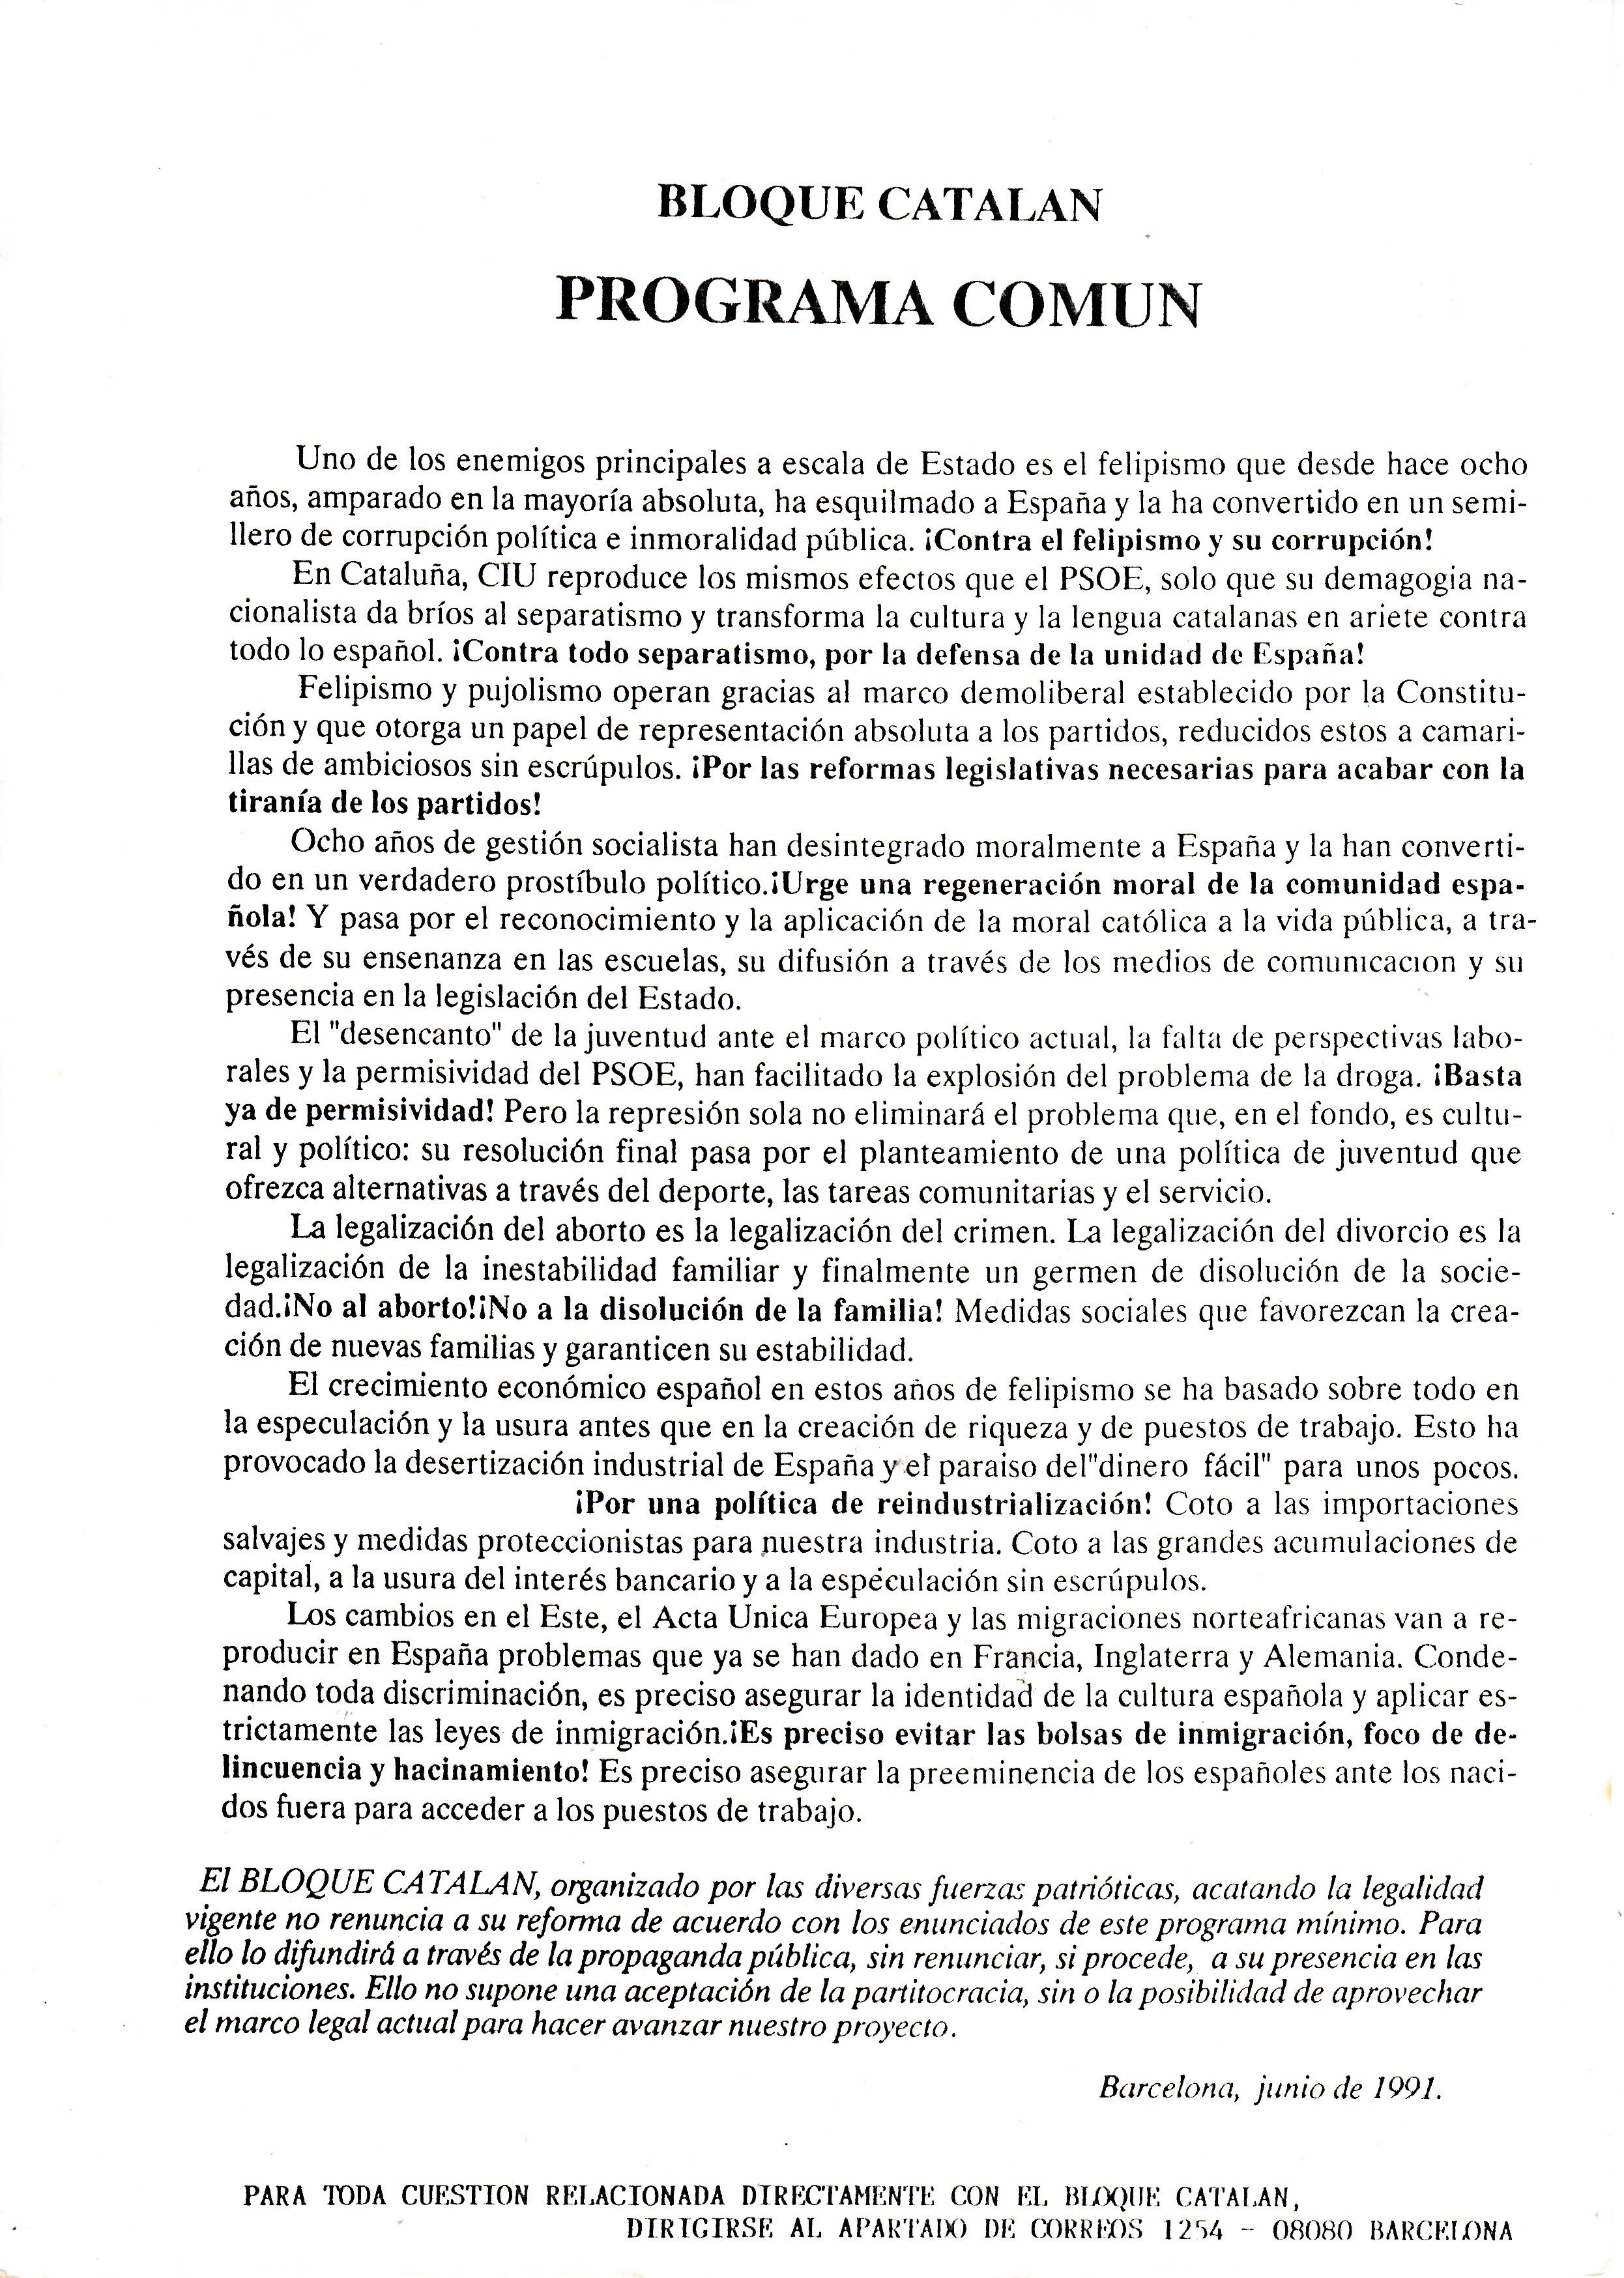 Bloque Catalan__0001